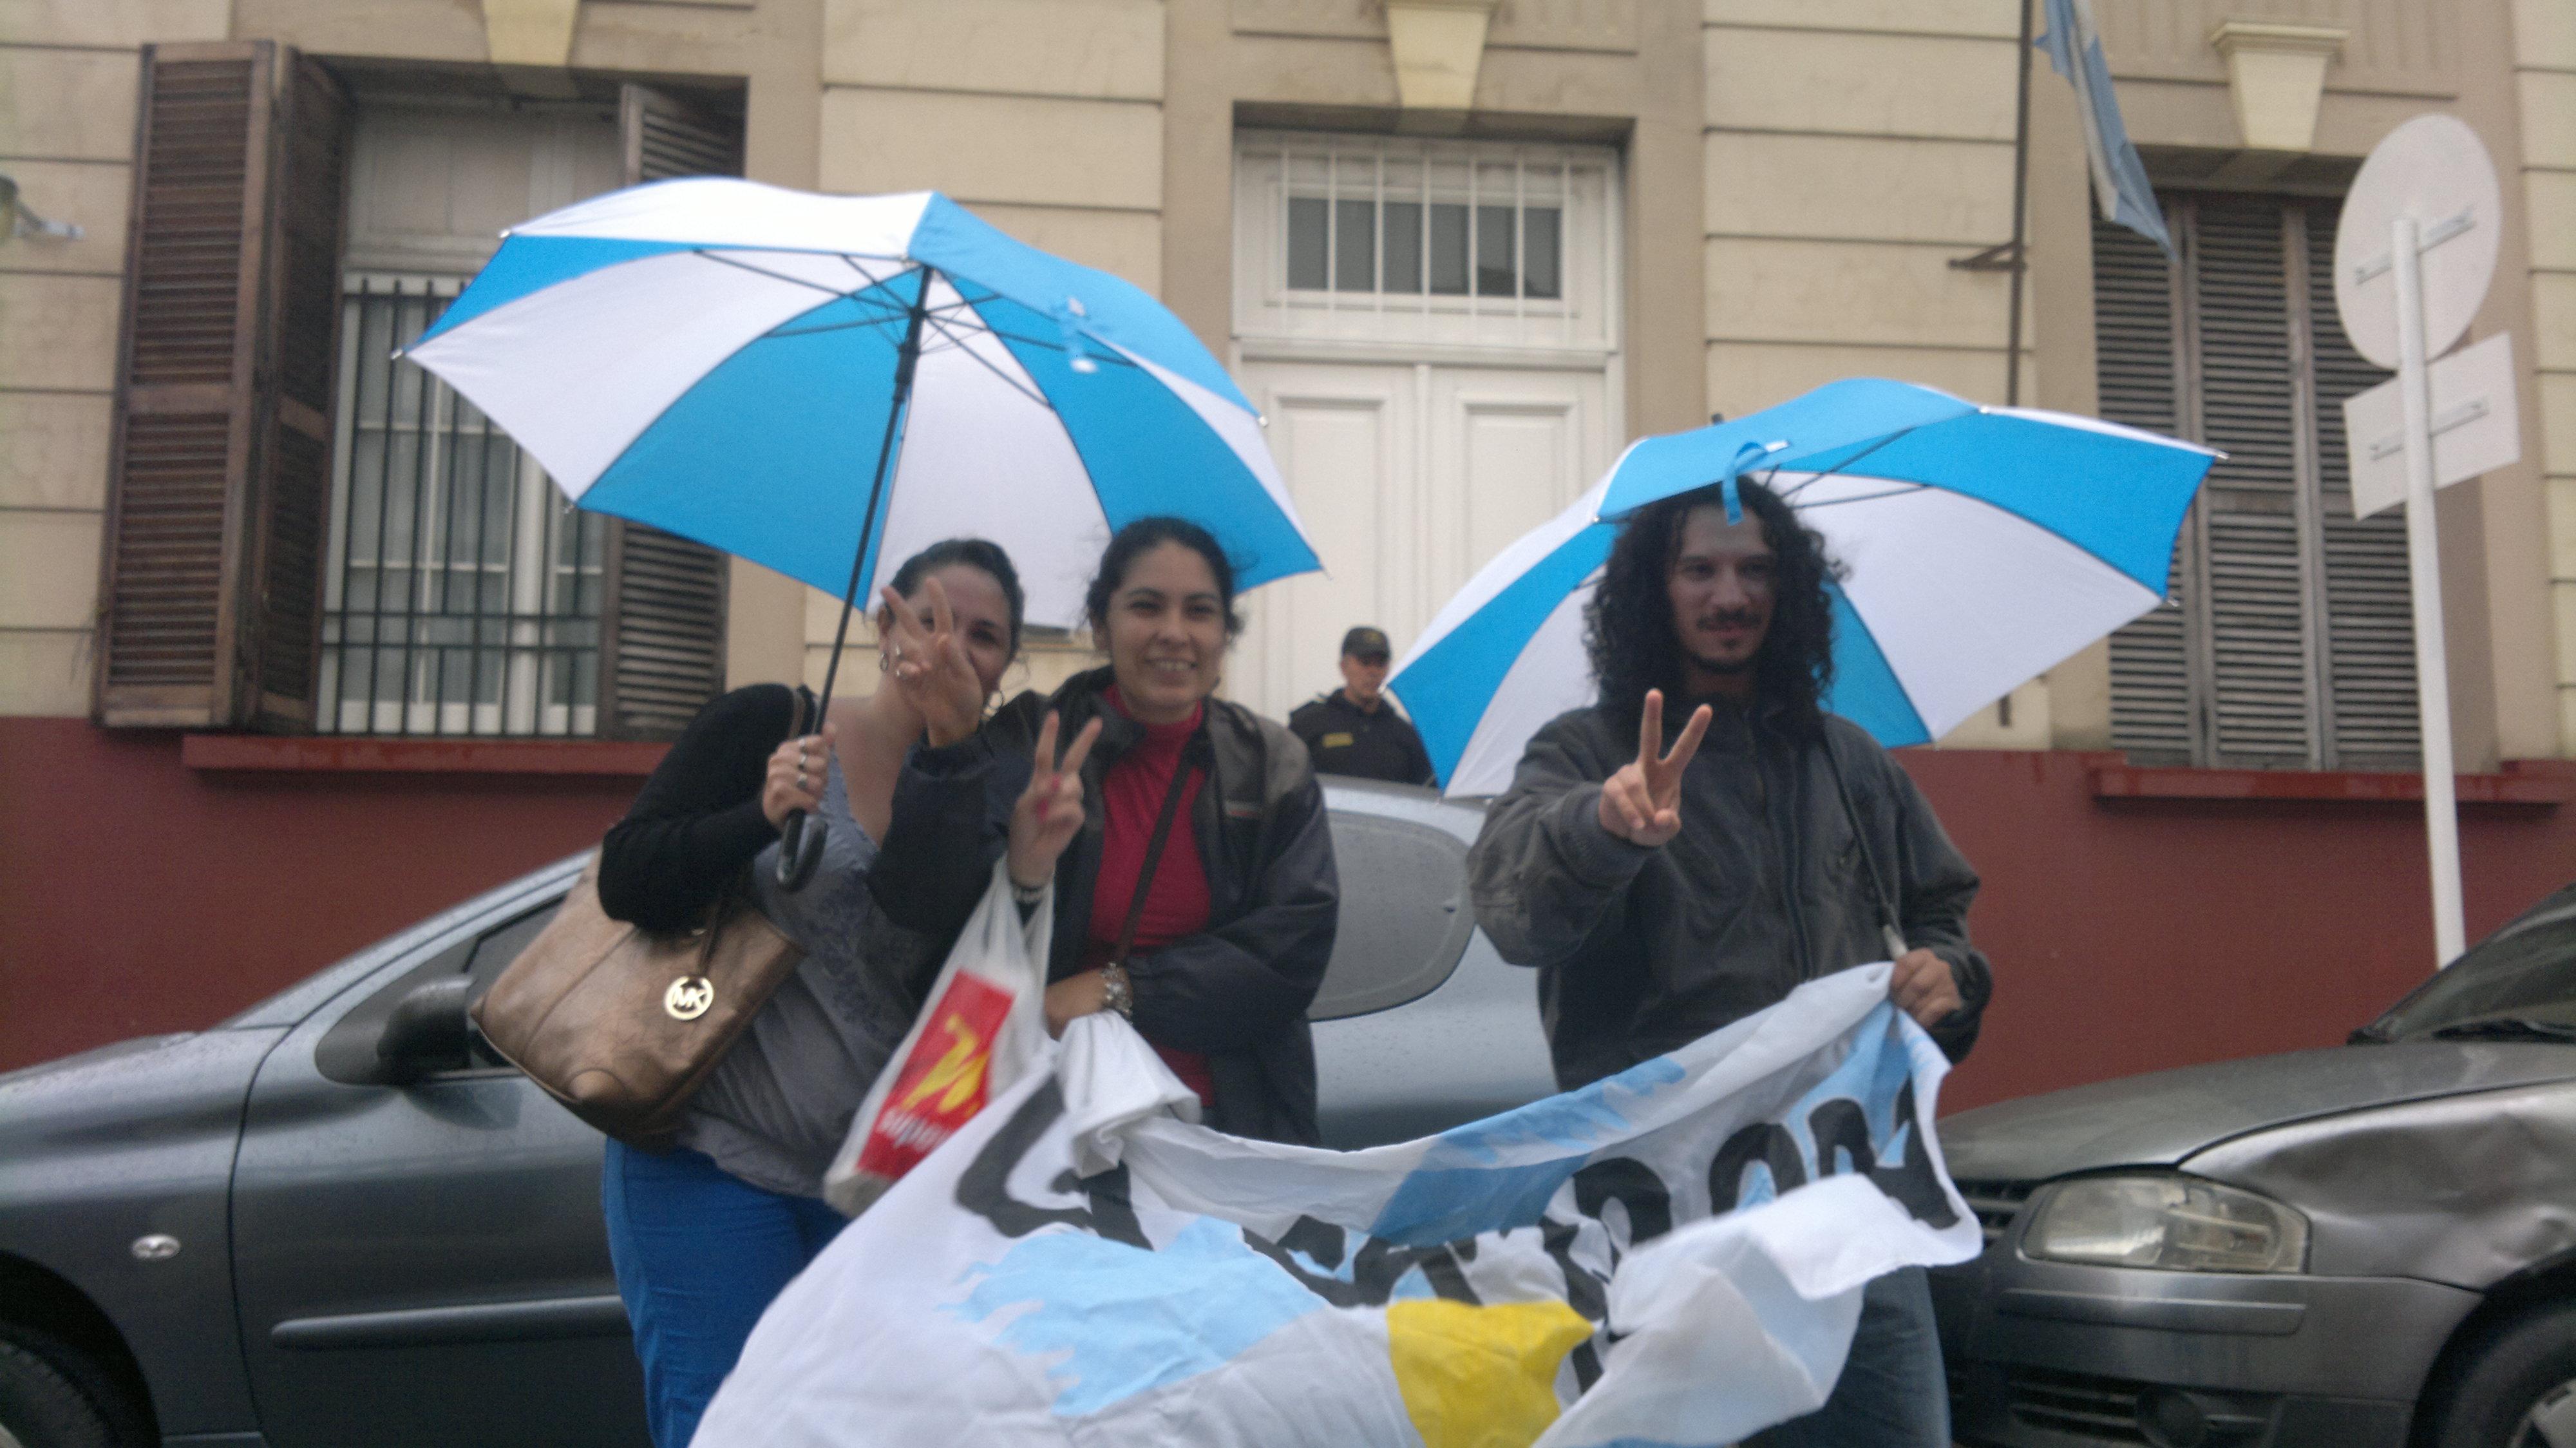 Corrientes: Una jornada Histórica para los Derechos Humanos